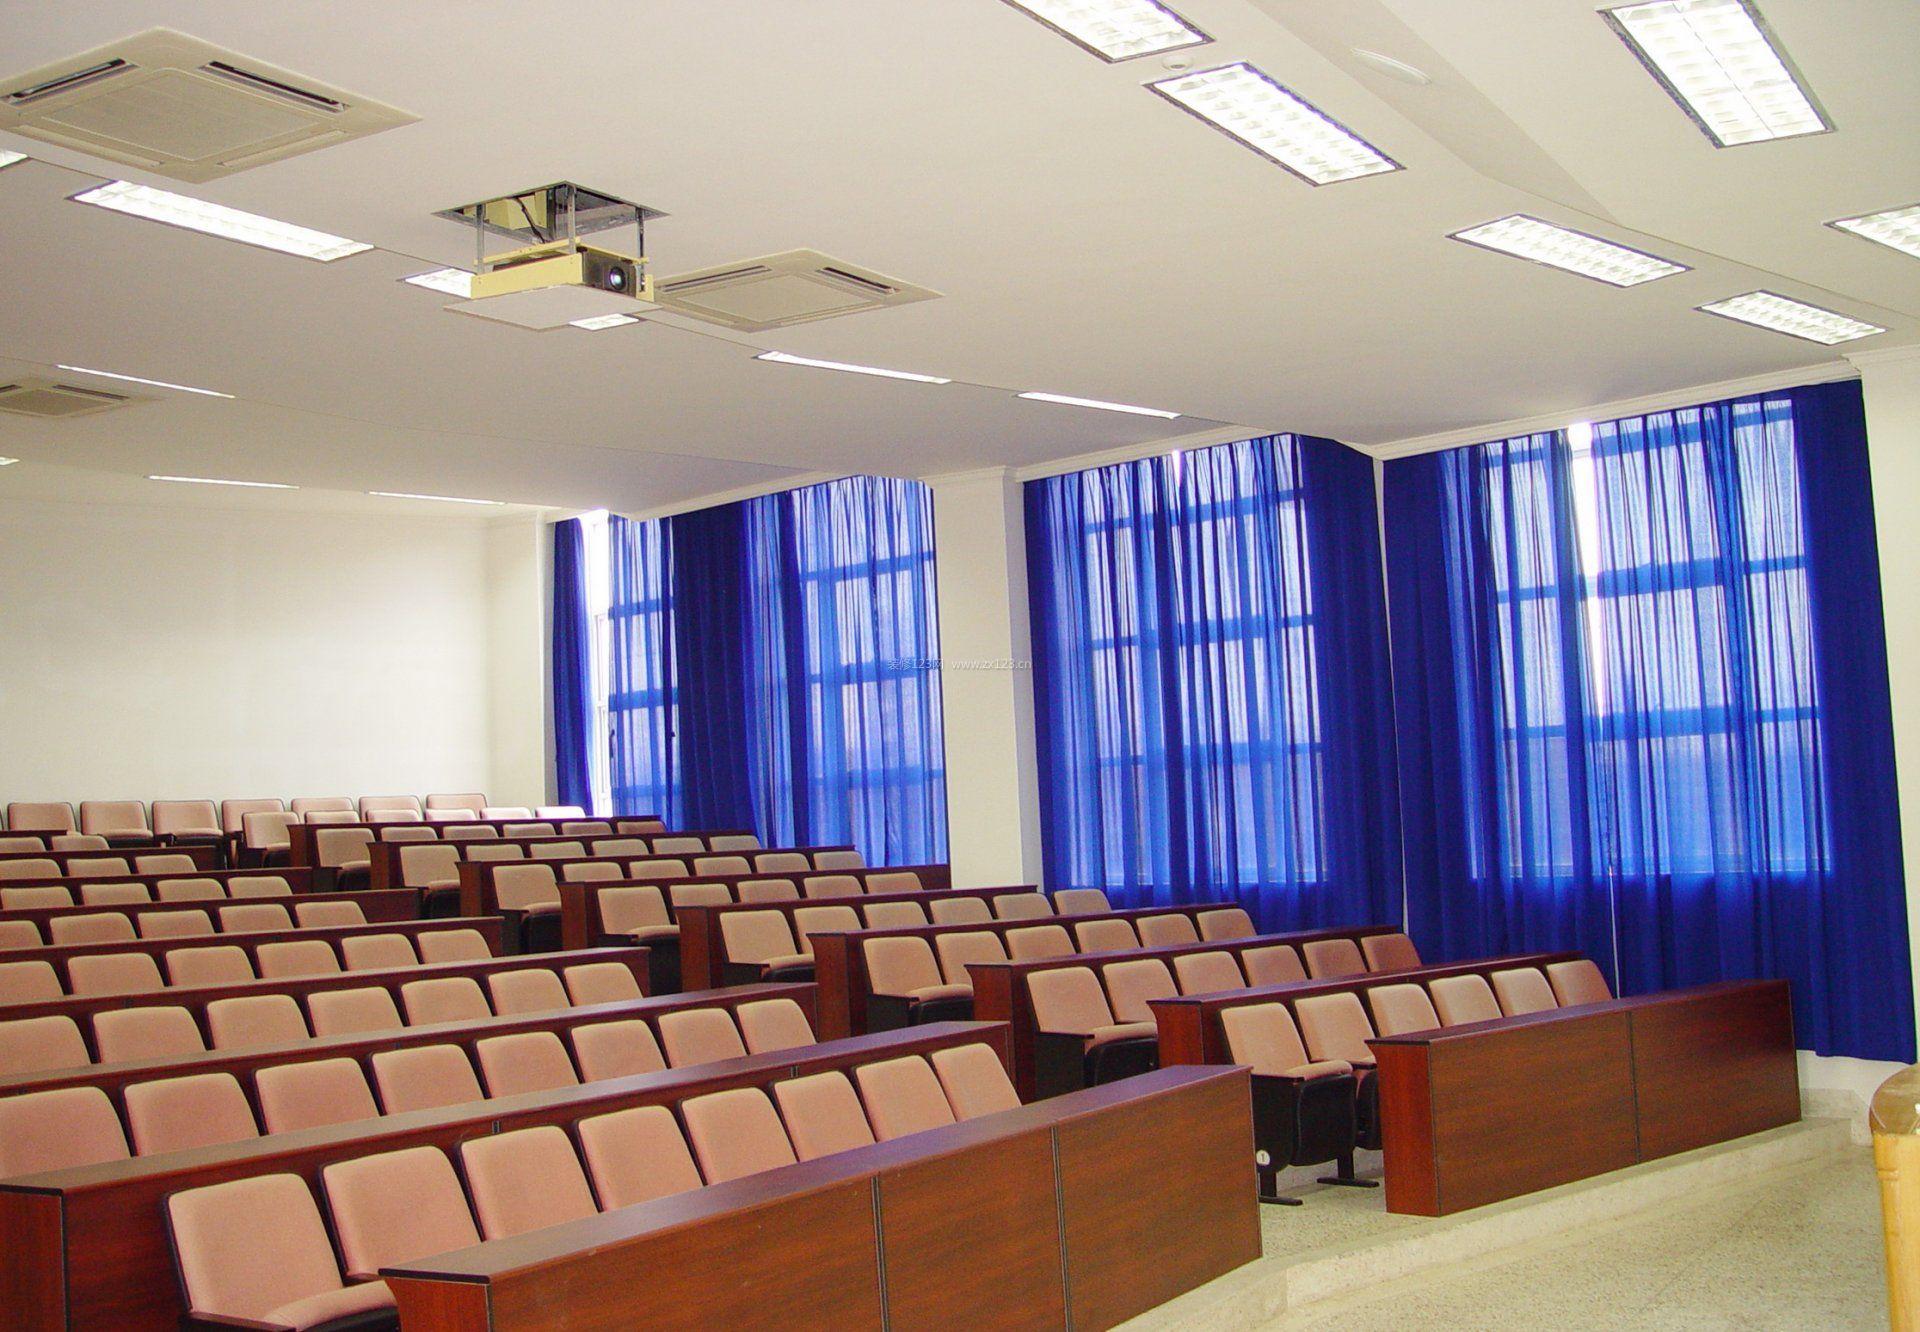 阶梯教室课桌椅设计图片